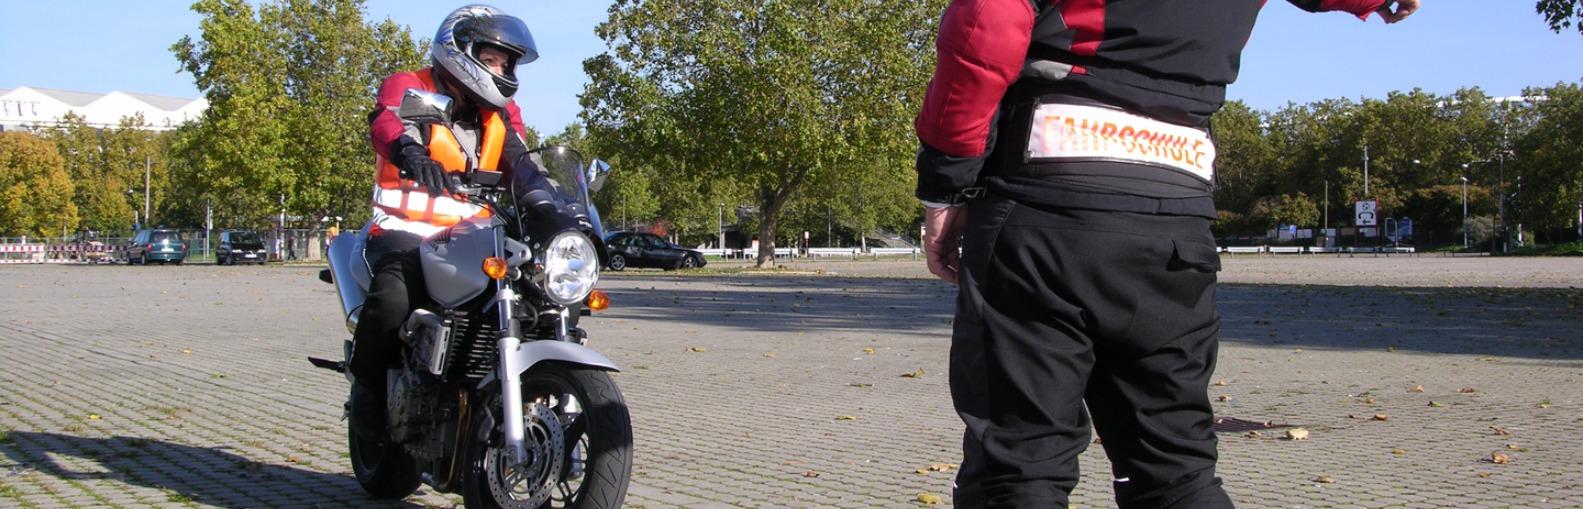 Motorrad-Fahrstunde auf einem Parkplatz.